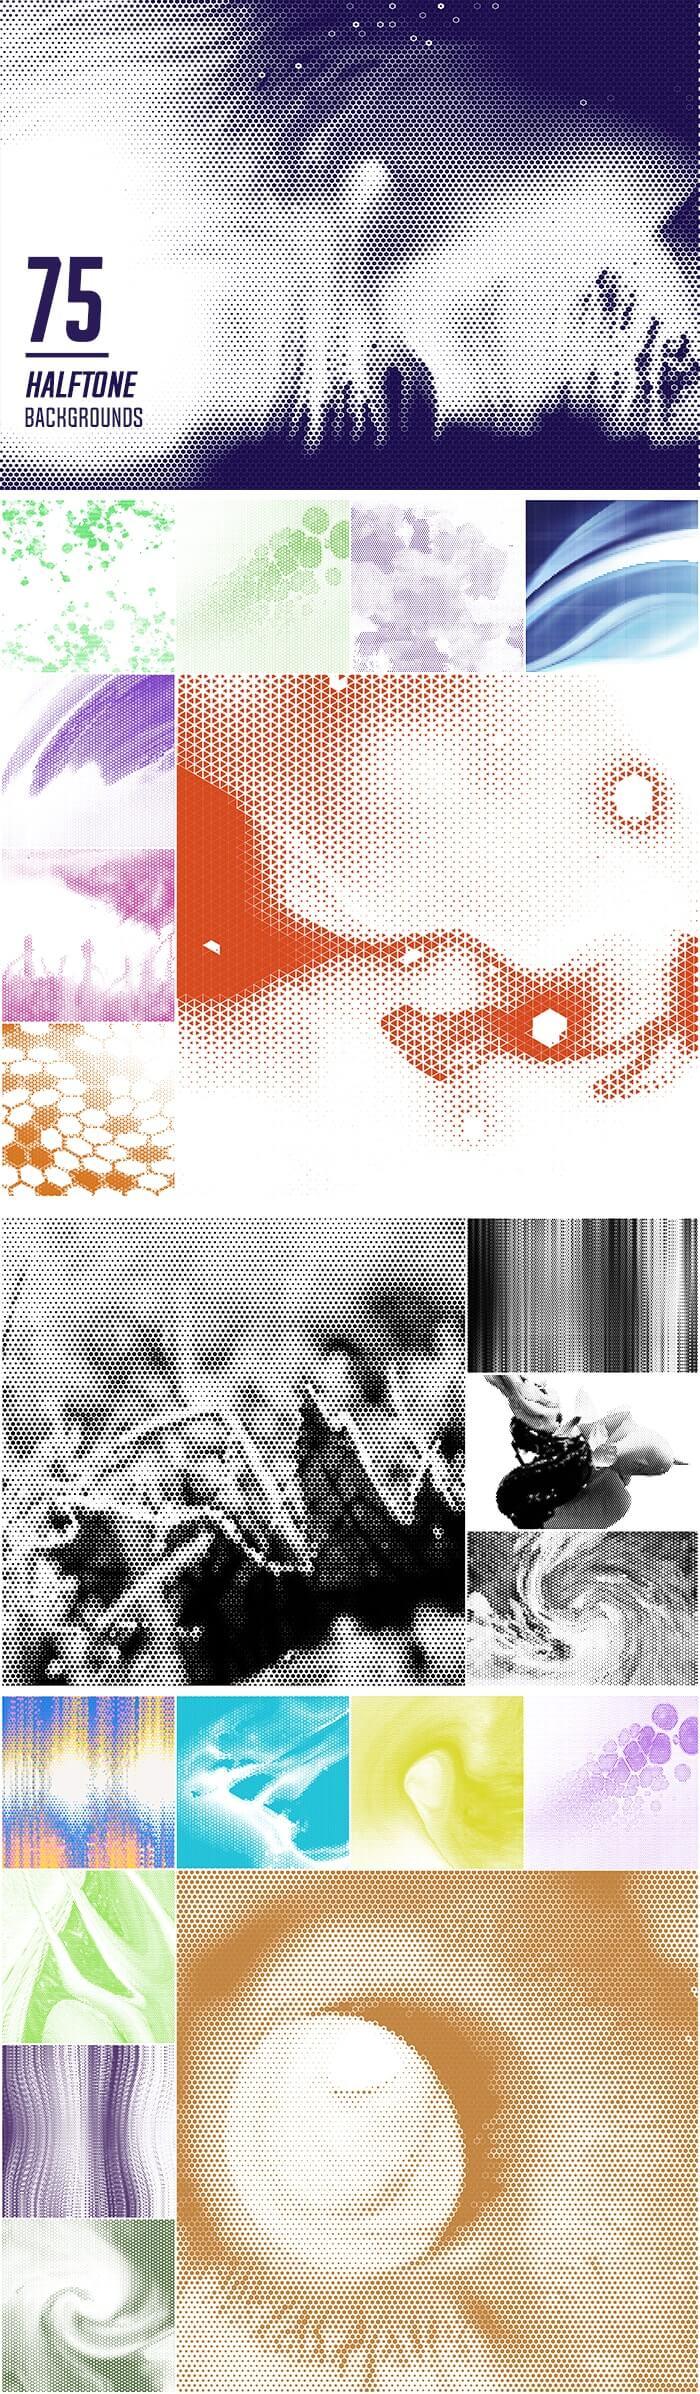 2000+ High Resolution Digital Backgrounds Bundle - $29 - 75 Halftone Backgrounds